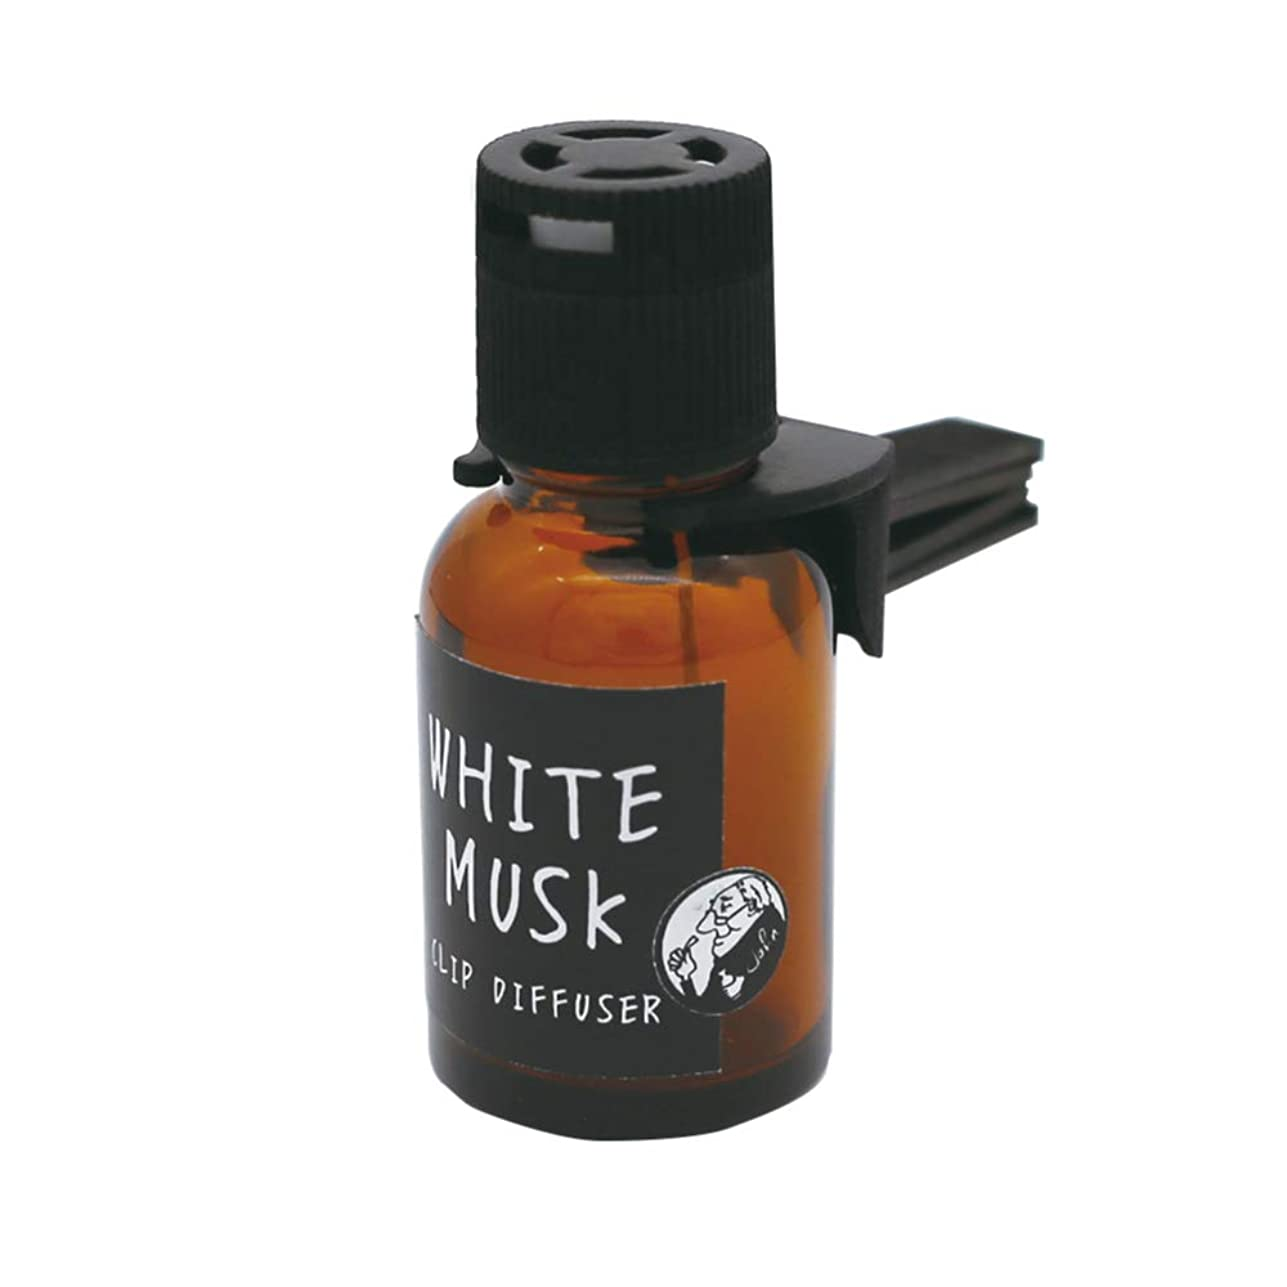 吸収する同意する猟犬ノルコーポレーション John's Blend 車用芳香剤 クリップディフューザー OA-JON-20-1 ホワイトムスクの香り 18ml